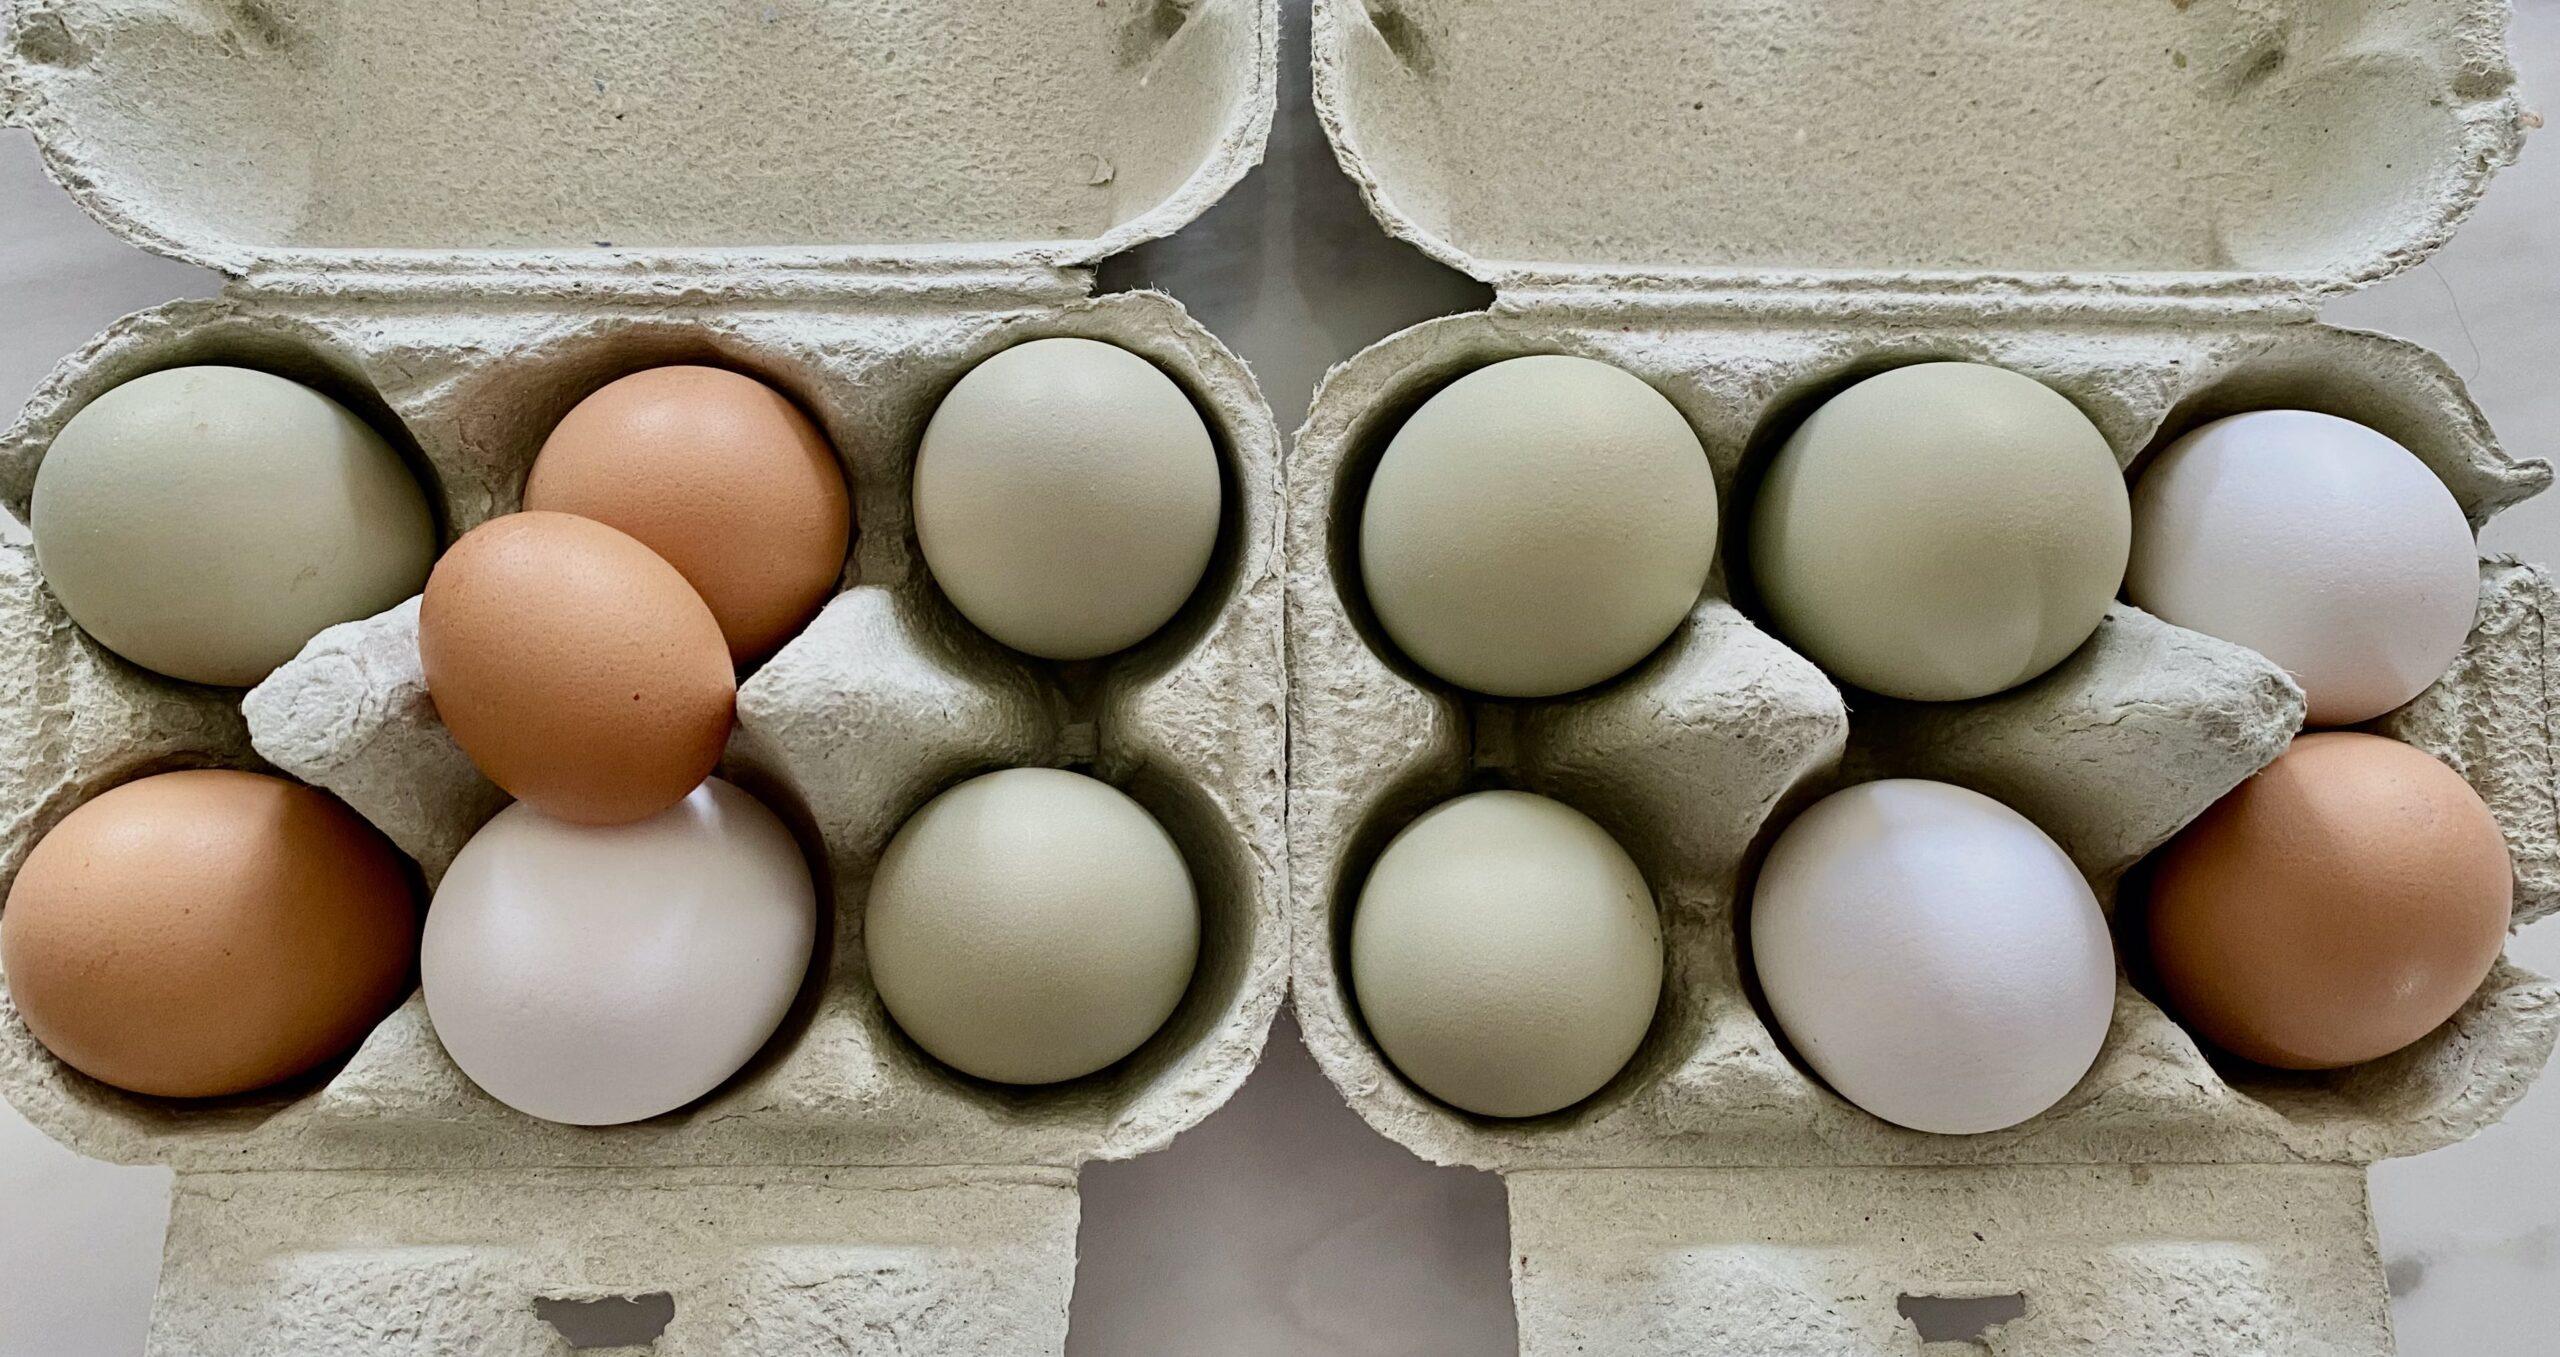 Des œufs dans des boîtes à œufs